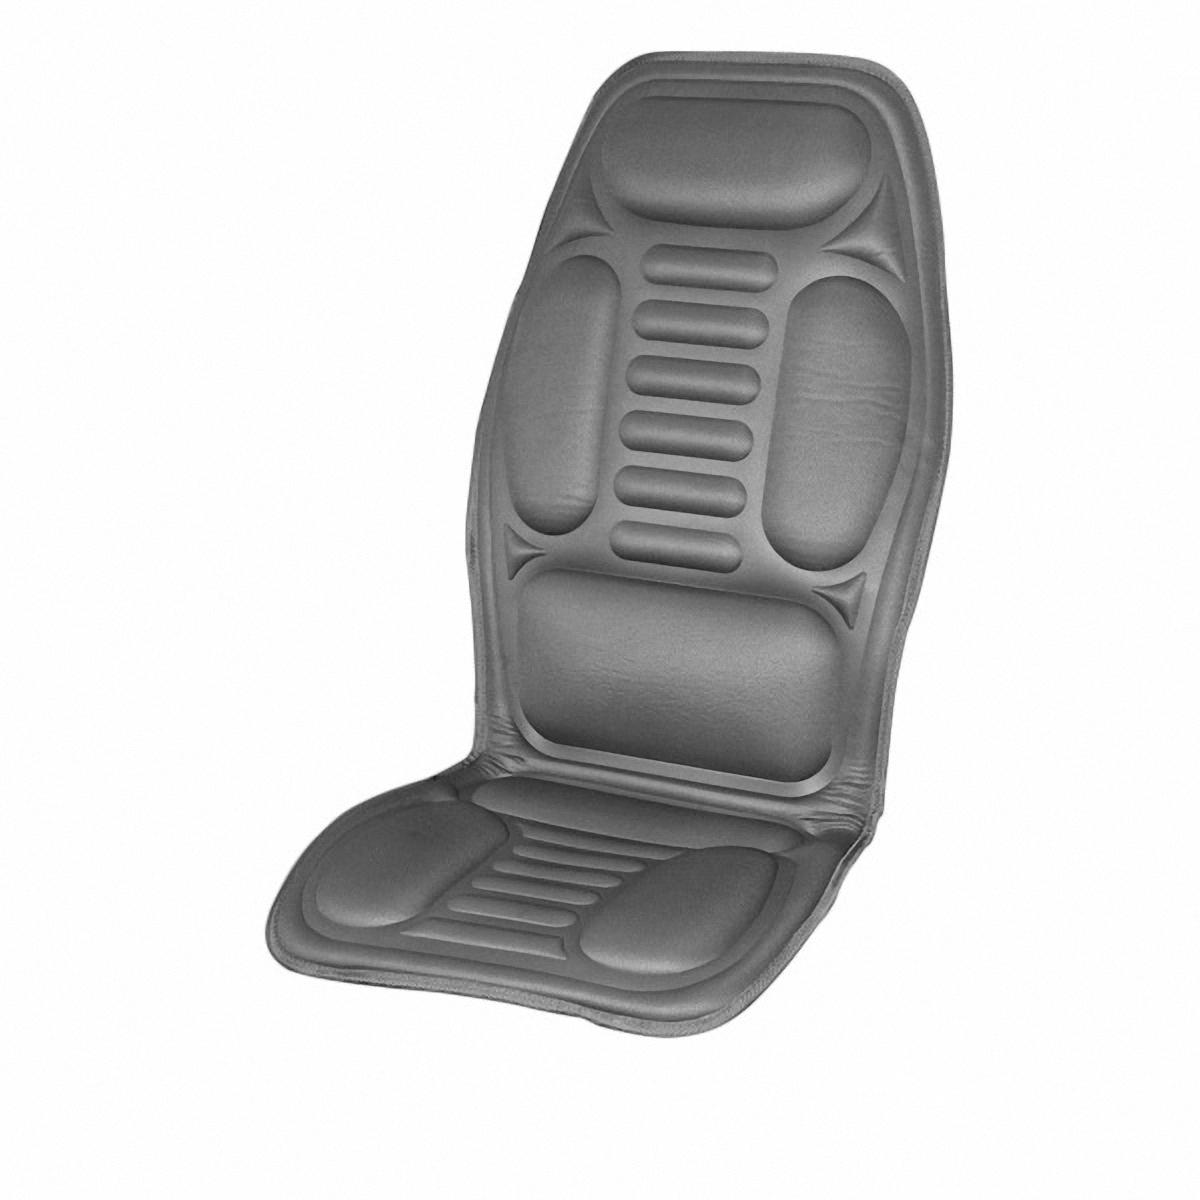 Подогрев для сиденья Skyway, со спинкой, цвет: серый, 120 х 51 смFS-80423В подогреве для сиденья Skyway в качестве теплоносителя применяется углеродный материал. Такой нагреватель обладает феноменальной гибкостью и прочностью на разрыв в отличие от аналогов, изготовленных из медного или иного металлического провода.Подогрев крепятся ремнями к креслу автомобиля и подключается к бортовой сети через гнездо прикуривателя.Особенности:- Универсальный размер.- Снижает усталость при управлении автомобилем.- Обеспечивает комфортное вождение в холодное время года.- Простая и быстрая установка.- Умеренный и интенсивный режим нагрева.- Терморегулятор для изменения интенсивности нагрева.- Защита крепления шнура питания к подогреву.Устройство подключается к прикуривателю на 12В